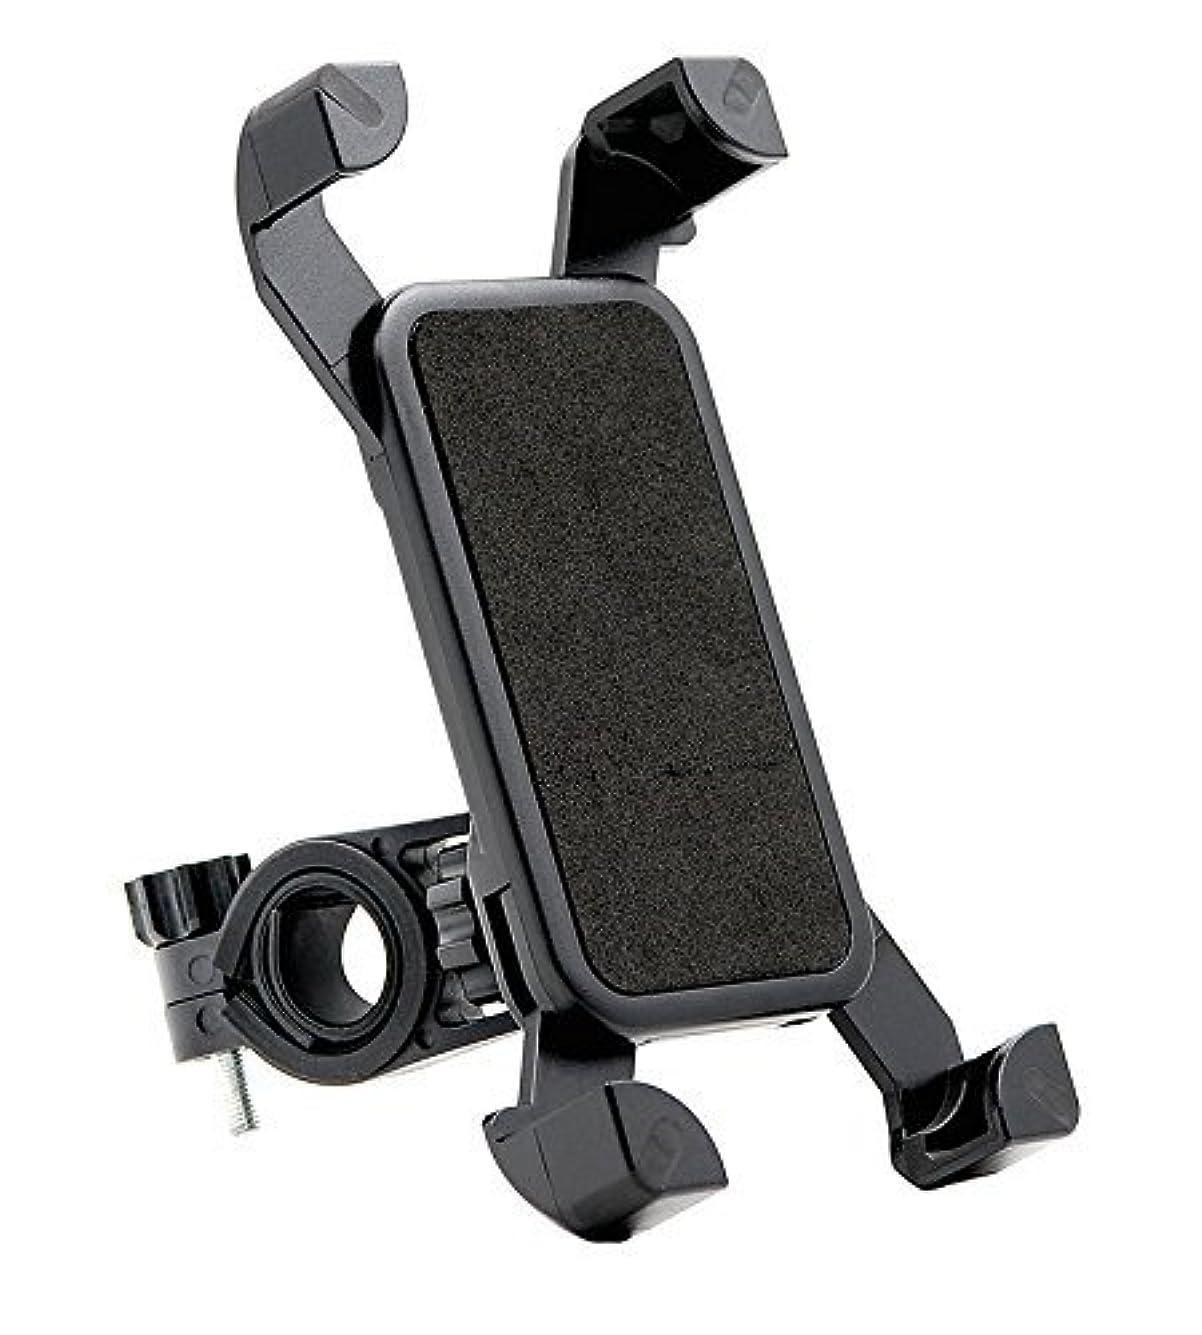 符号麦芽正当なAutotime バイク 自転車 スマホ ホルダー 360度回転 iPhone Garaxy Xperia 多機種対応 厚さ調整パッド付属 脱落防止 GPSナビ バーマウントキット